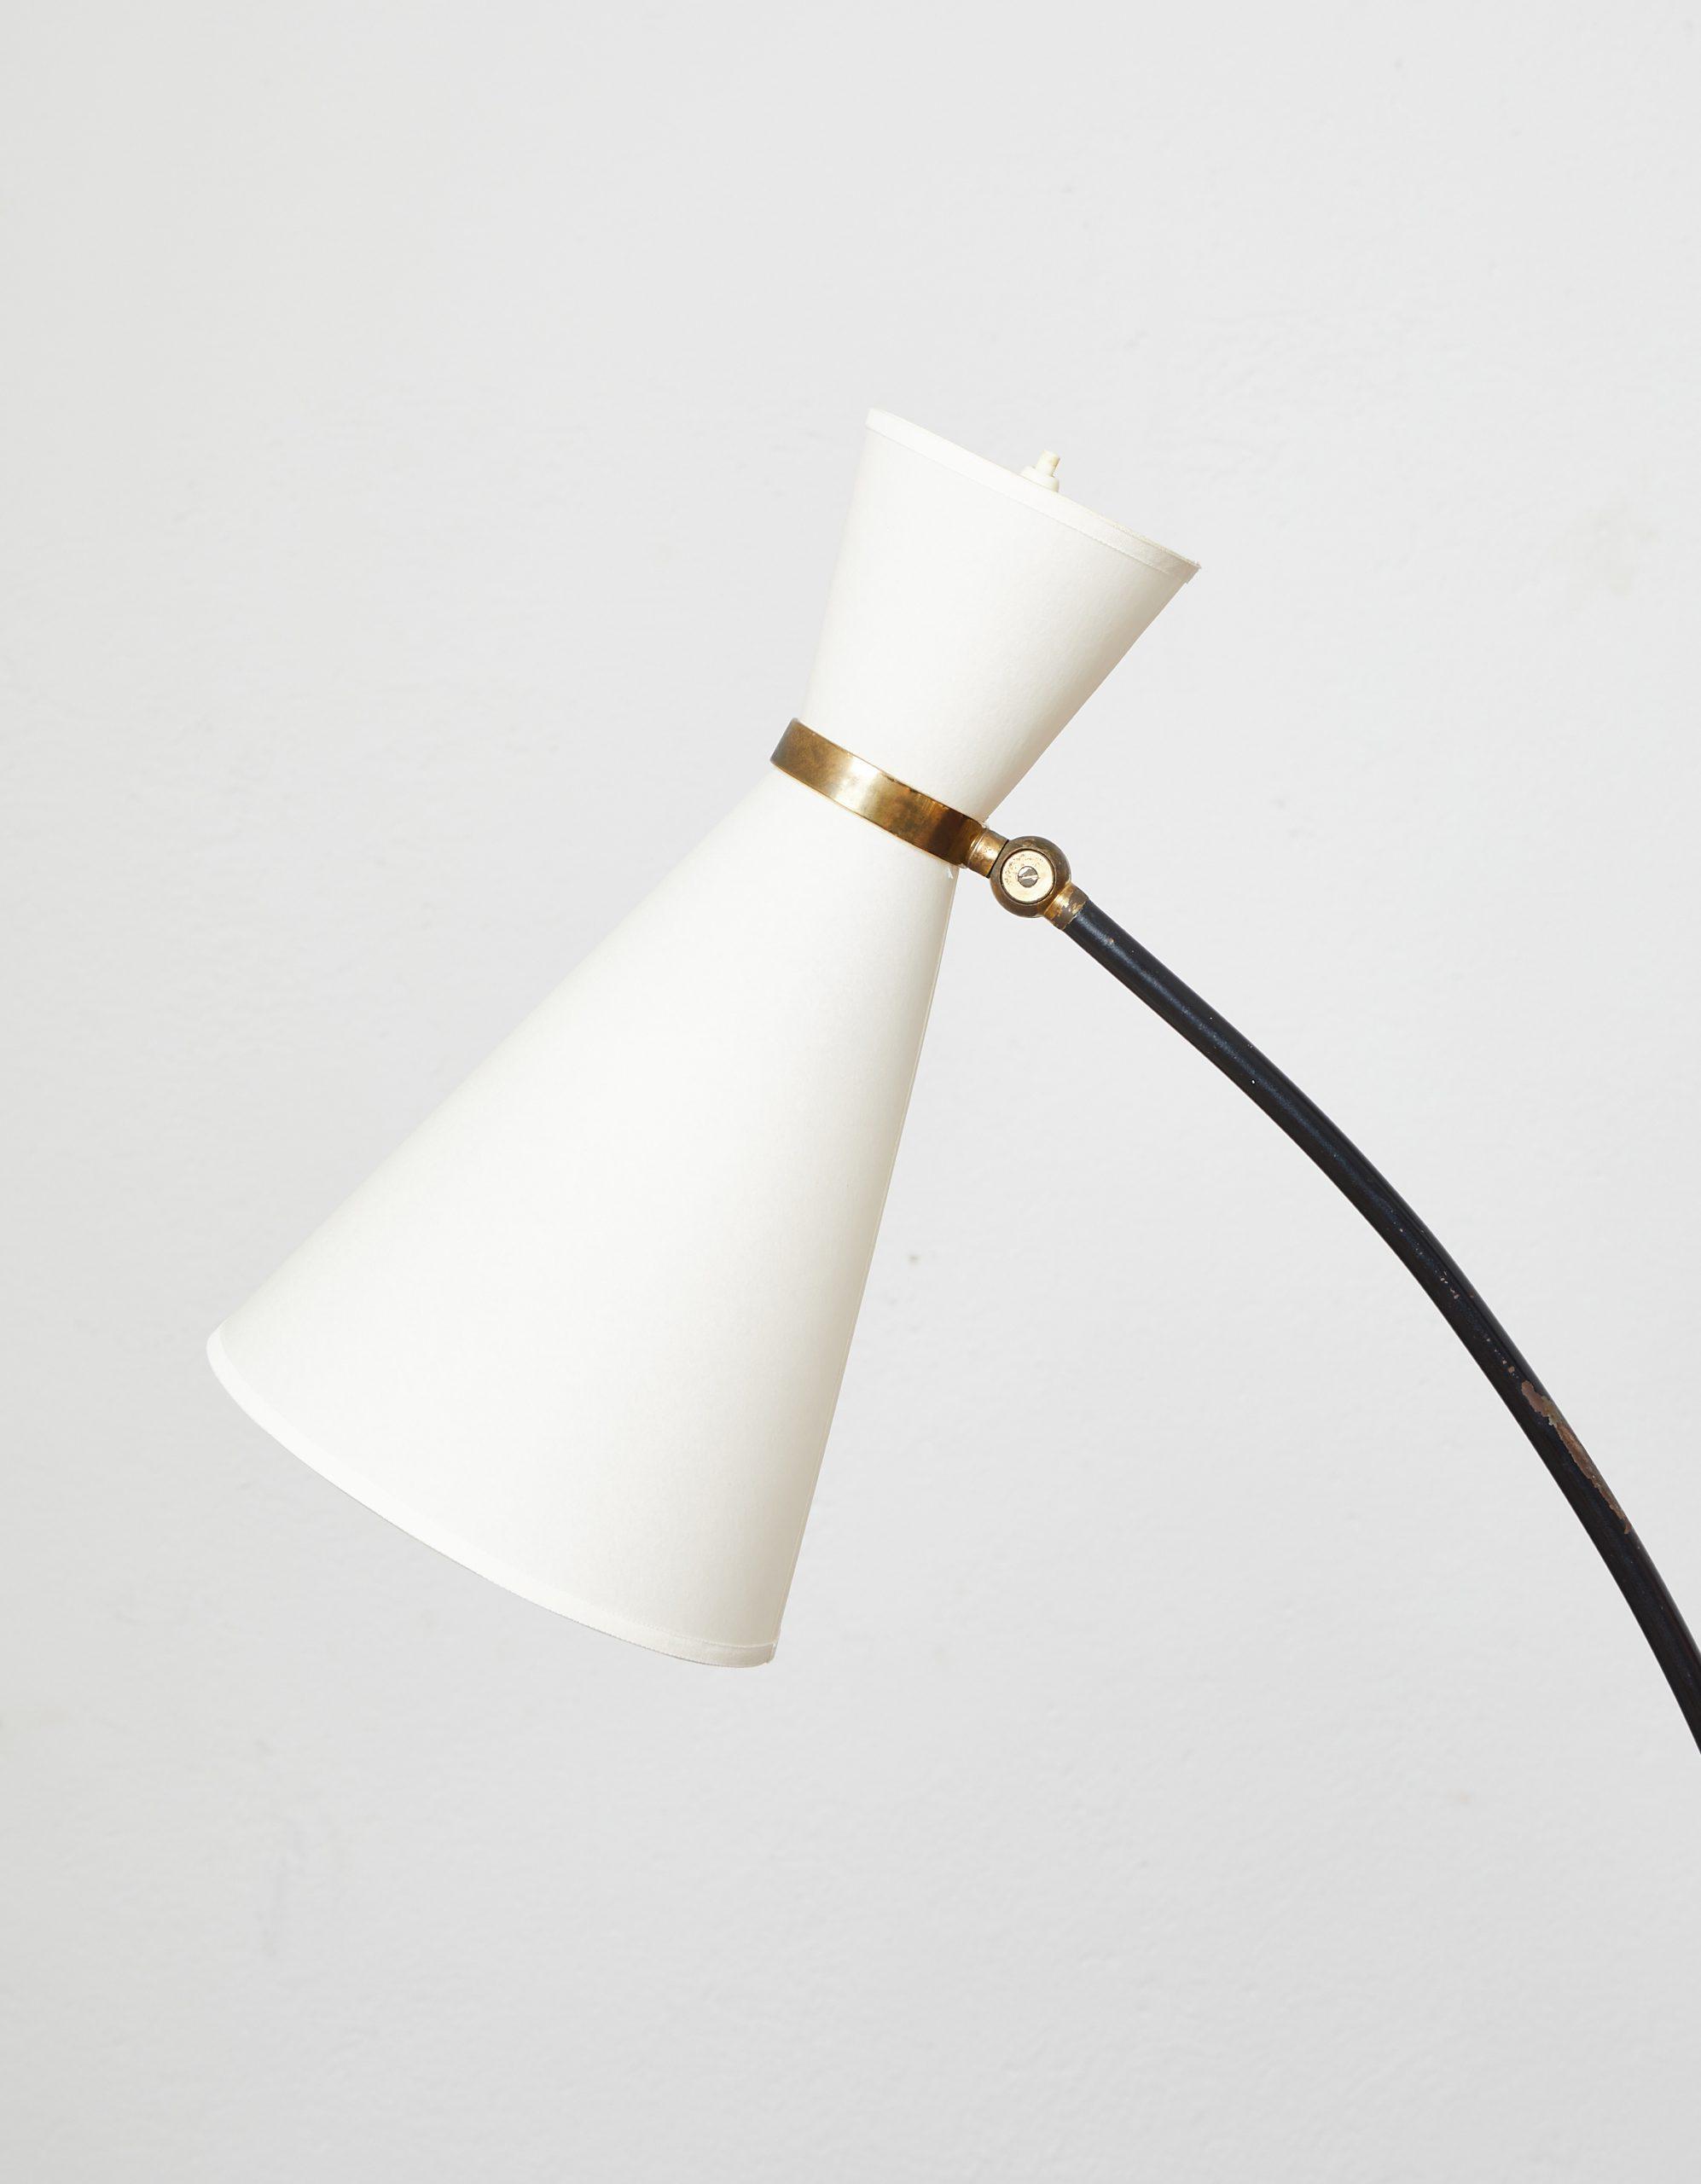 lampe-de-sol-a-deux-bras-suisse-1950-ca-image-05